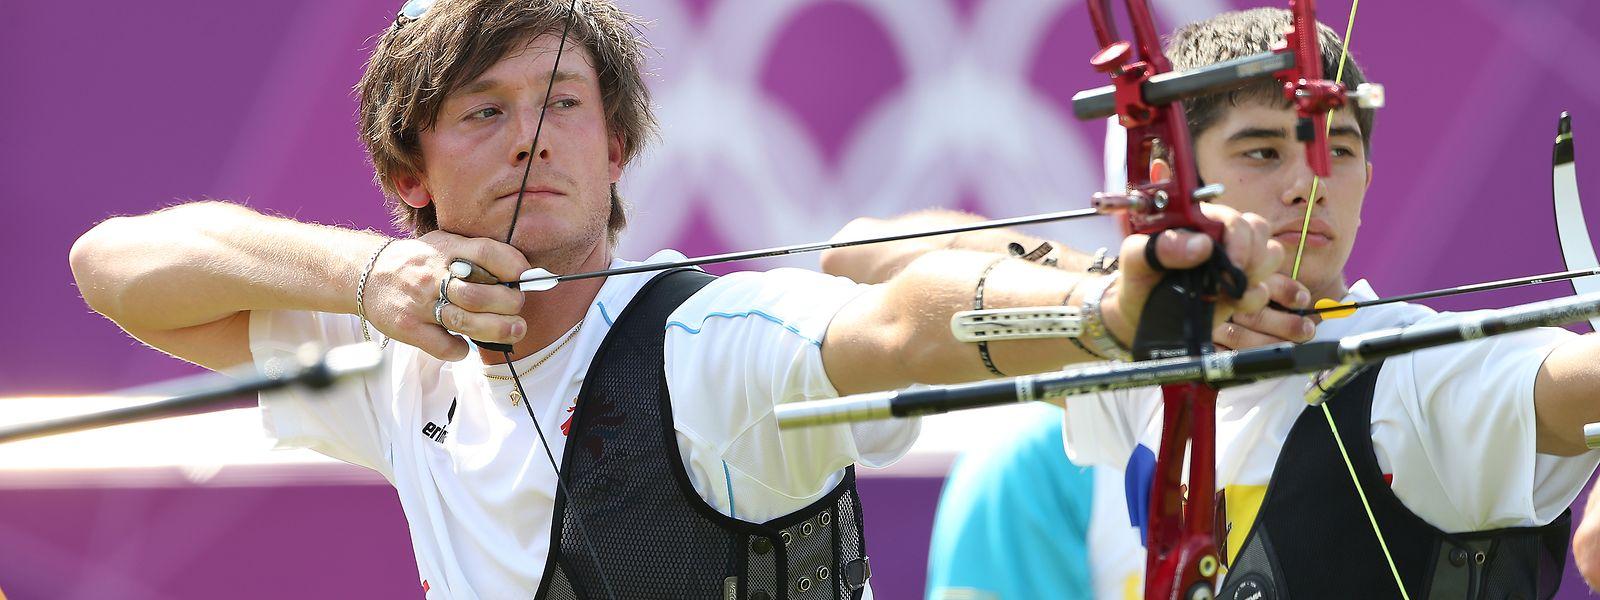 Rückblick: Jeff Henckels bei den Olympischen Spielen 2012 in London.